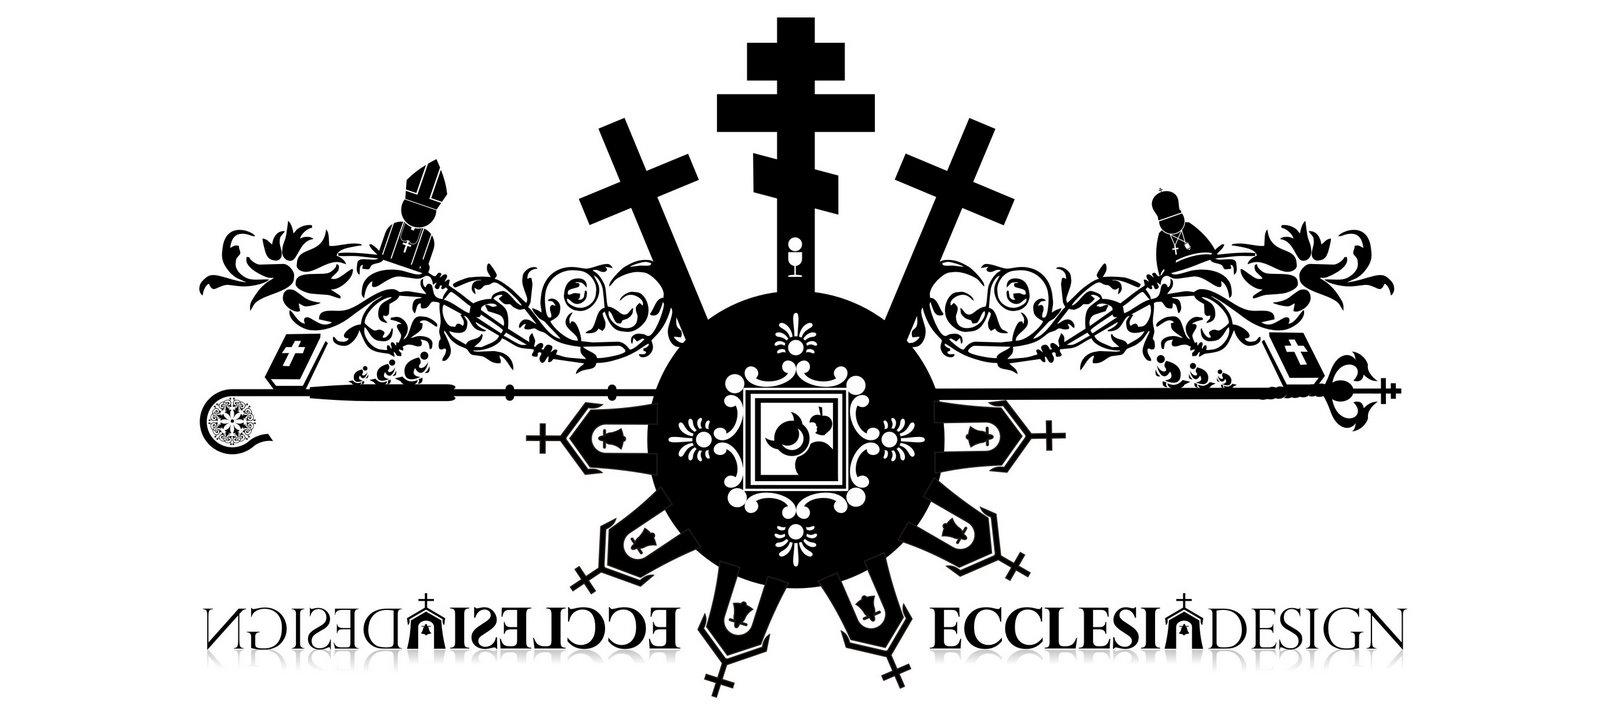 ecclesiadesign